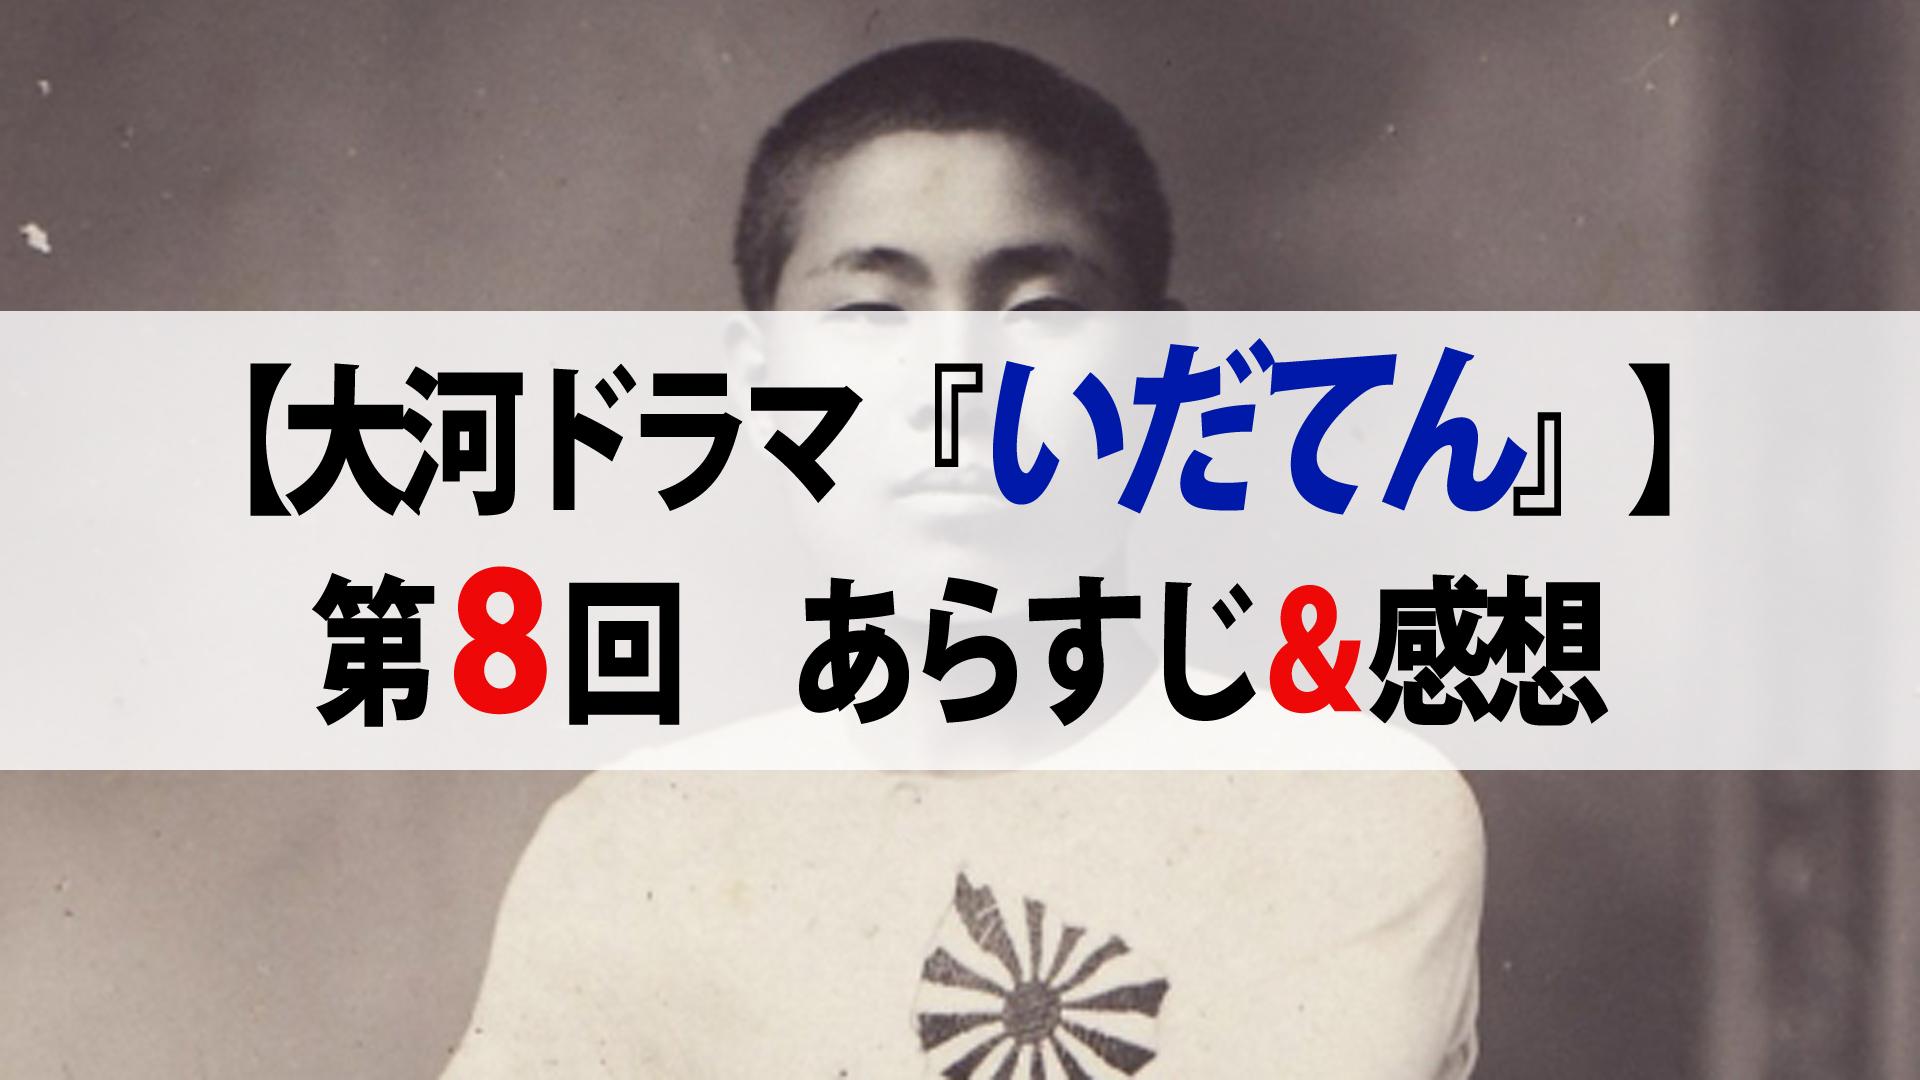 【大河ドラマ『いだてん』】第8回『敵は幾万』あらすじ&感想